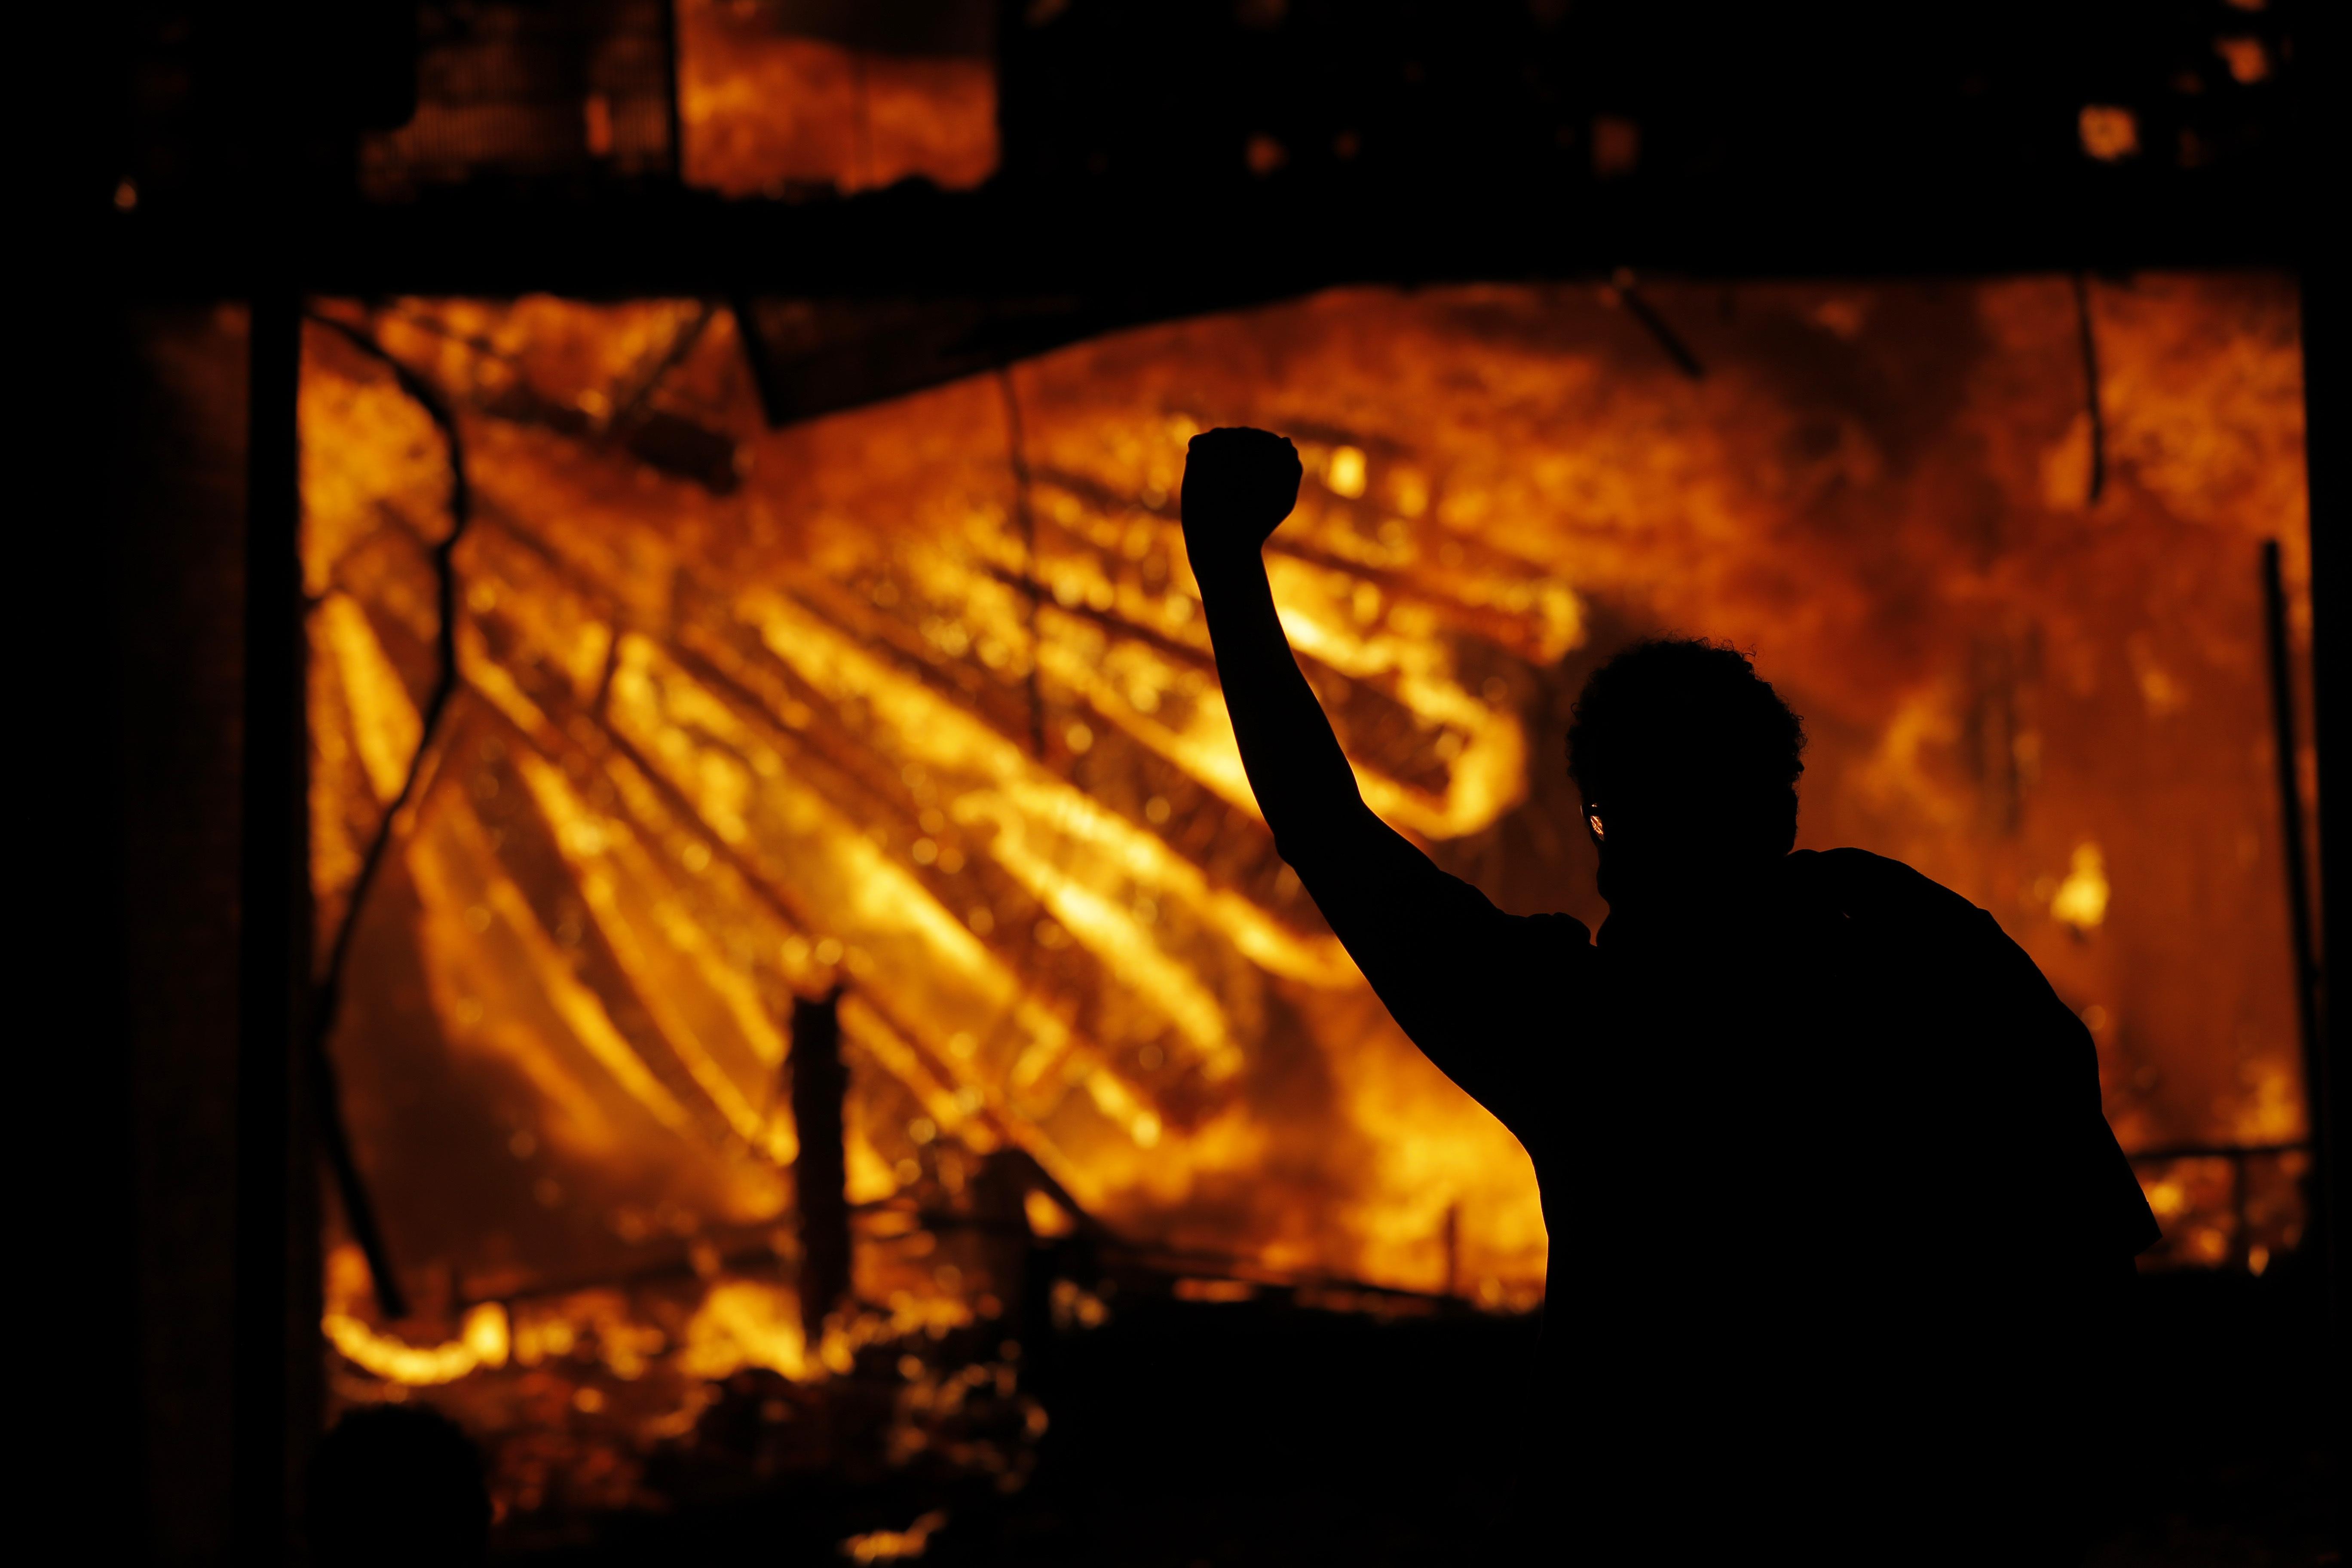 Un manifestante hace un ademán frente al edificio en llamas del Tercer Precinto del Departamento de Policía de Minneapolis el jueves 28 de mayo de 2020 (Foto AP/Julio Cortez)